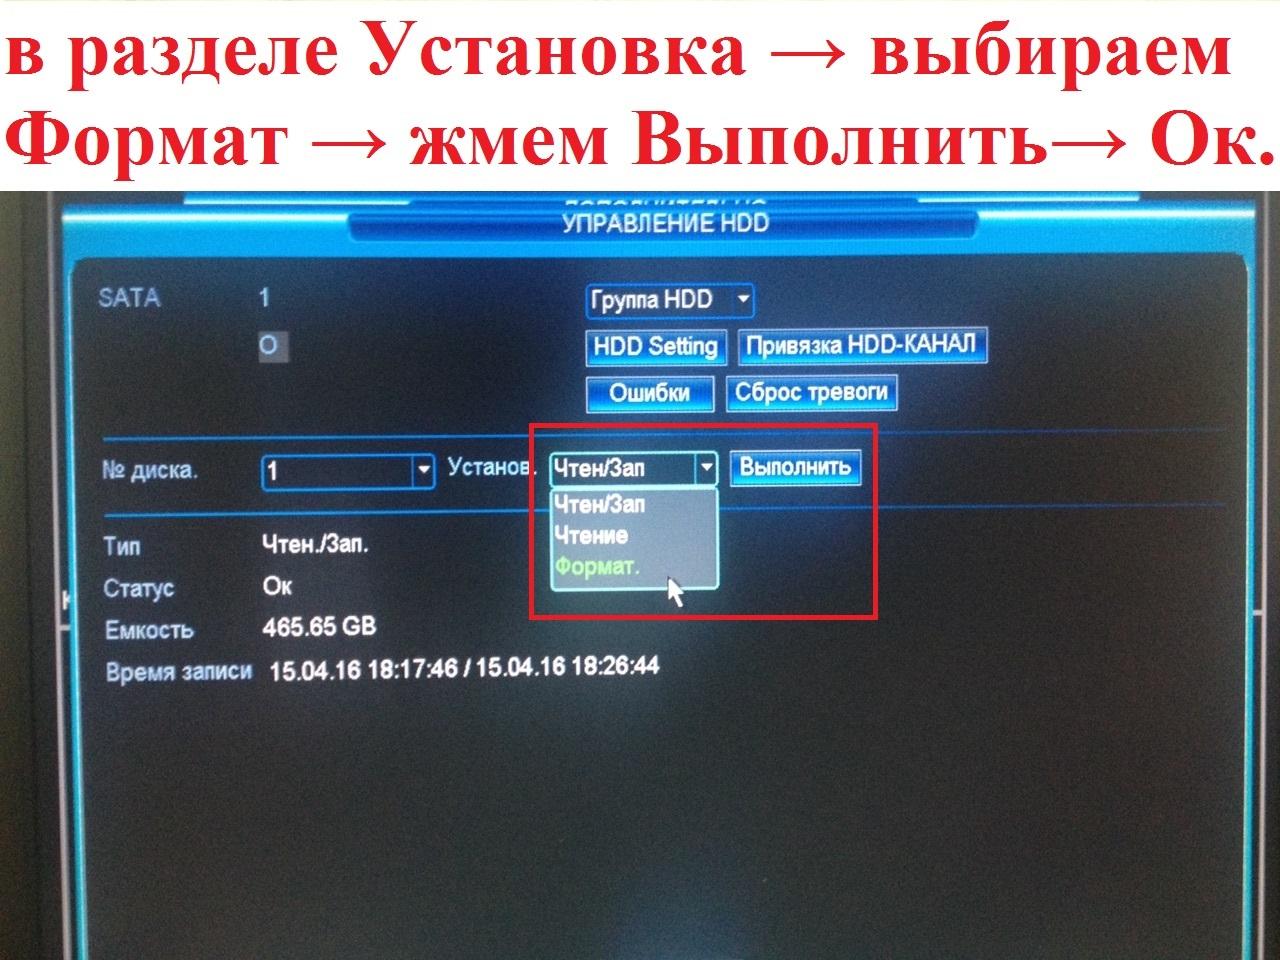 Инструкция форматирования жестких дисков